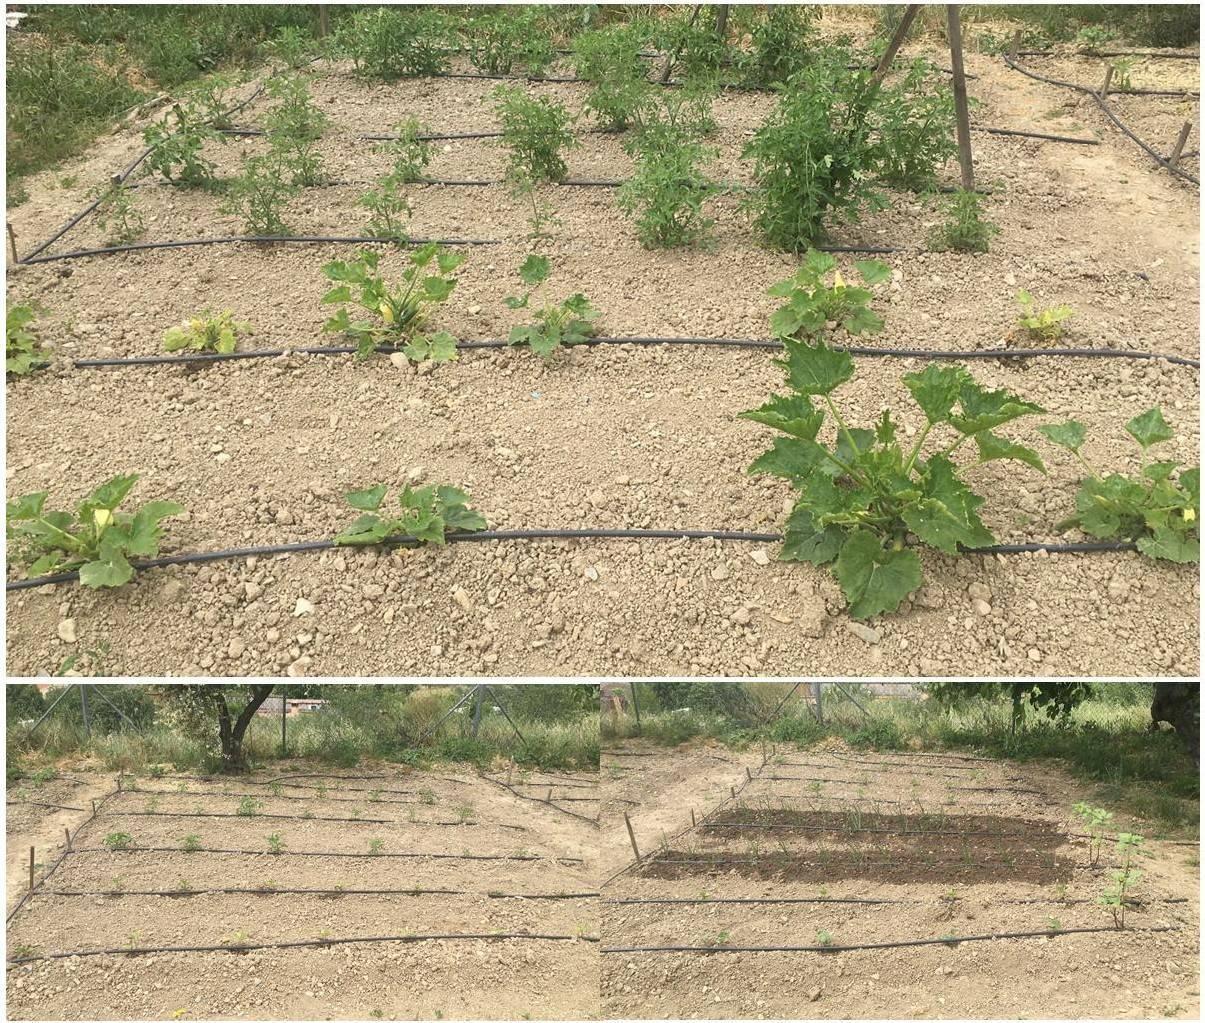 Comenzamos a sembrar nuestro huerto (mayo 2021) 2